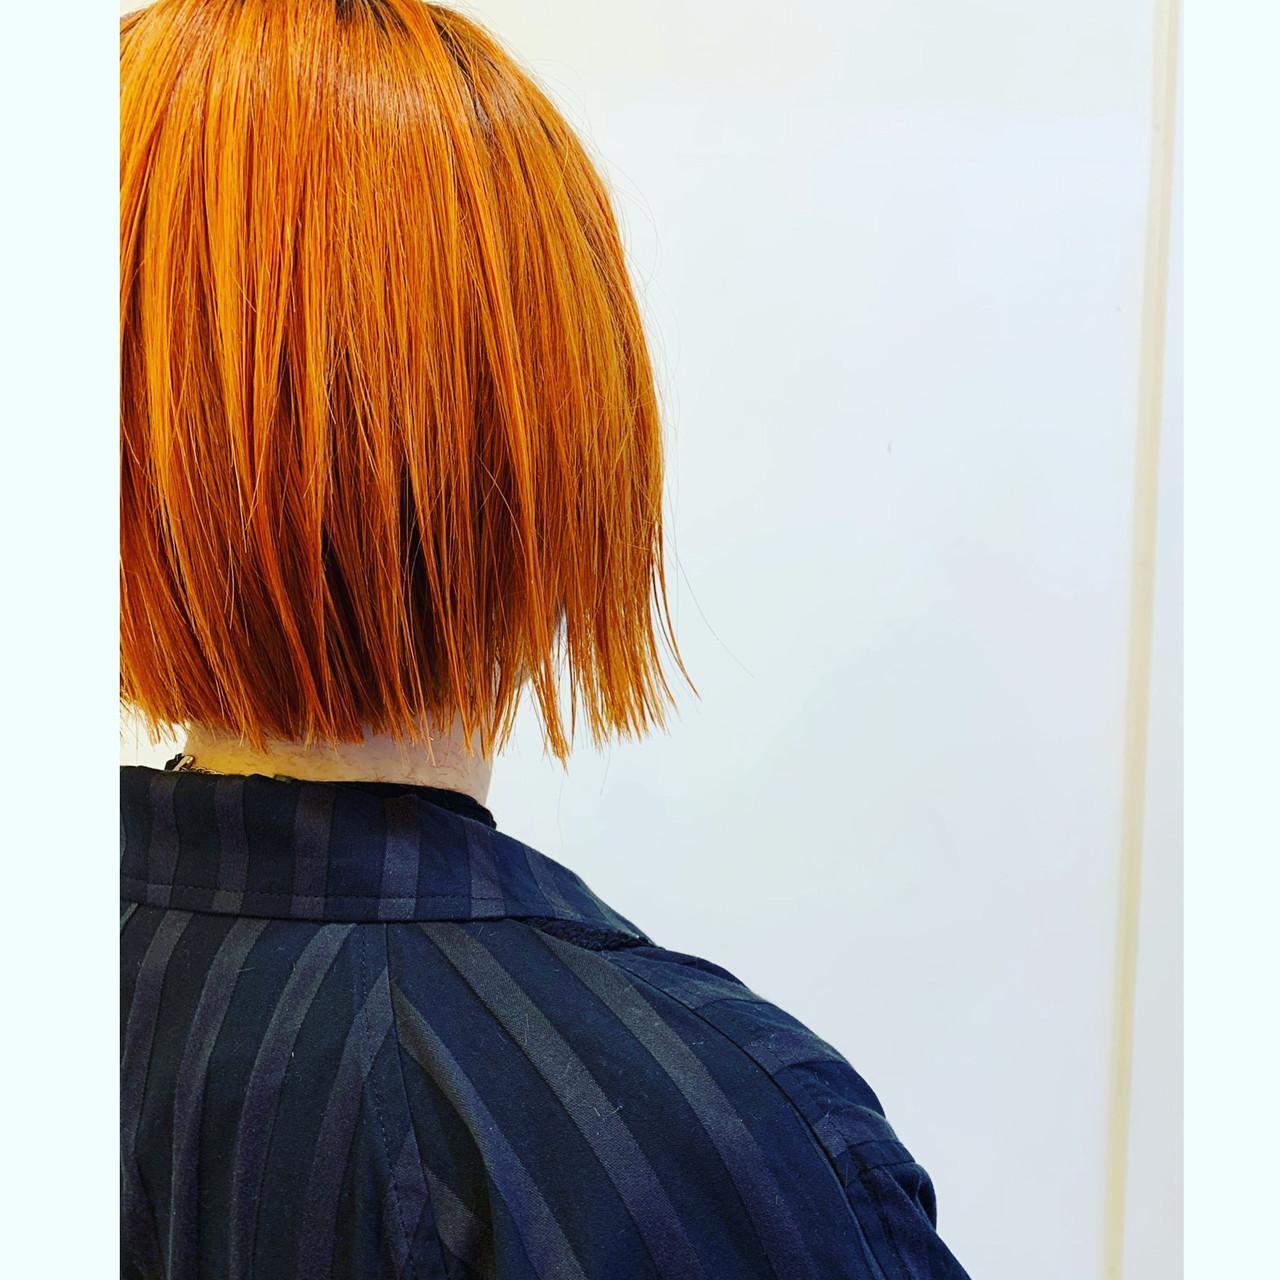 ベリーショート ウルフカット モード ボブヘアスタイルや髪型の写真・画像